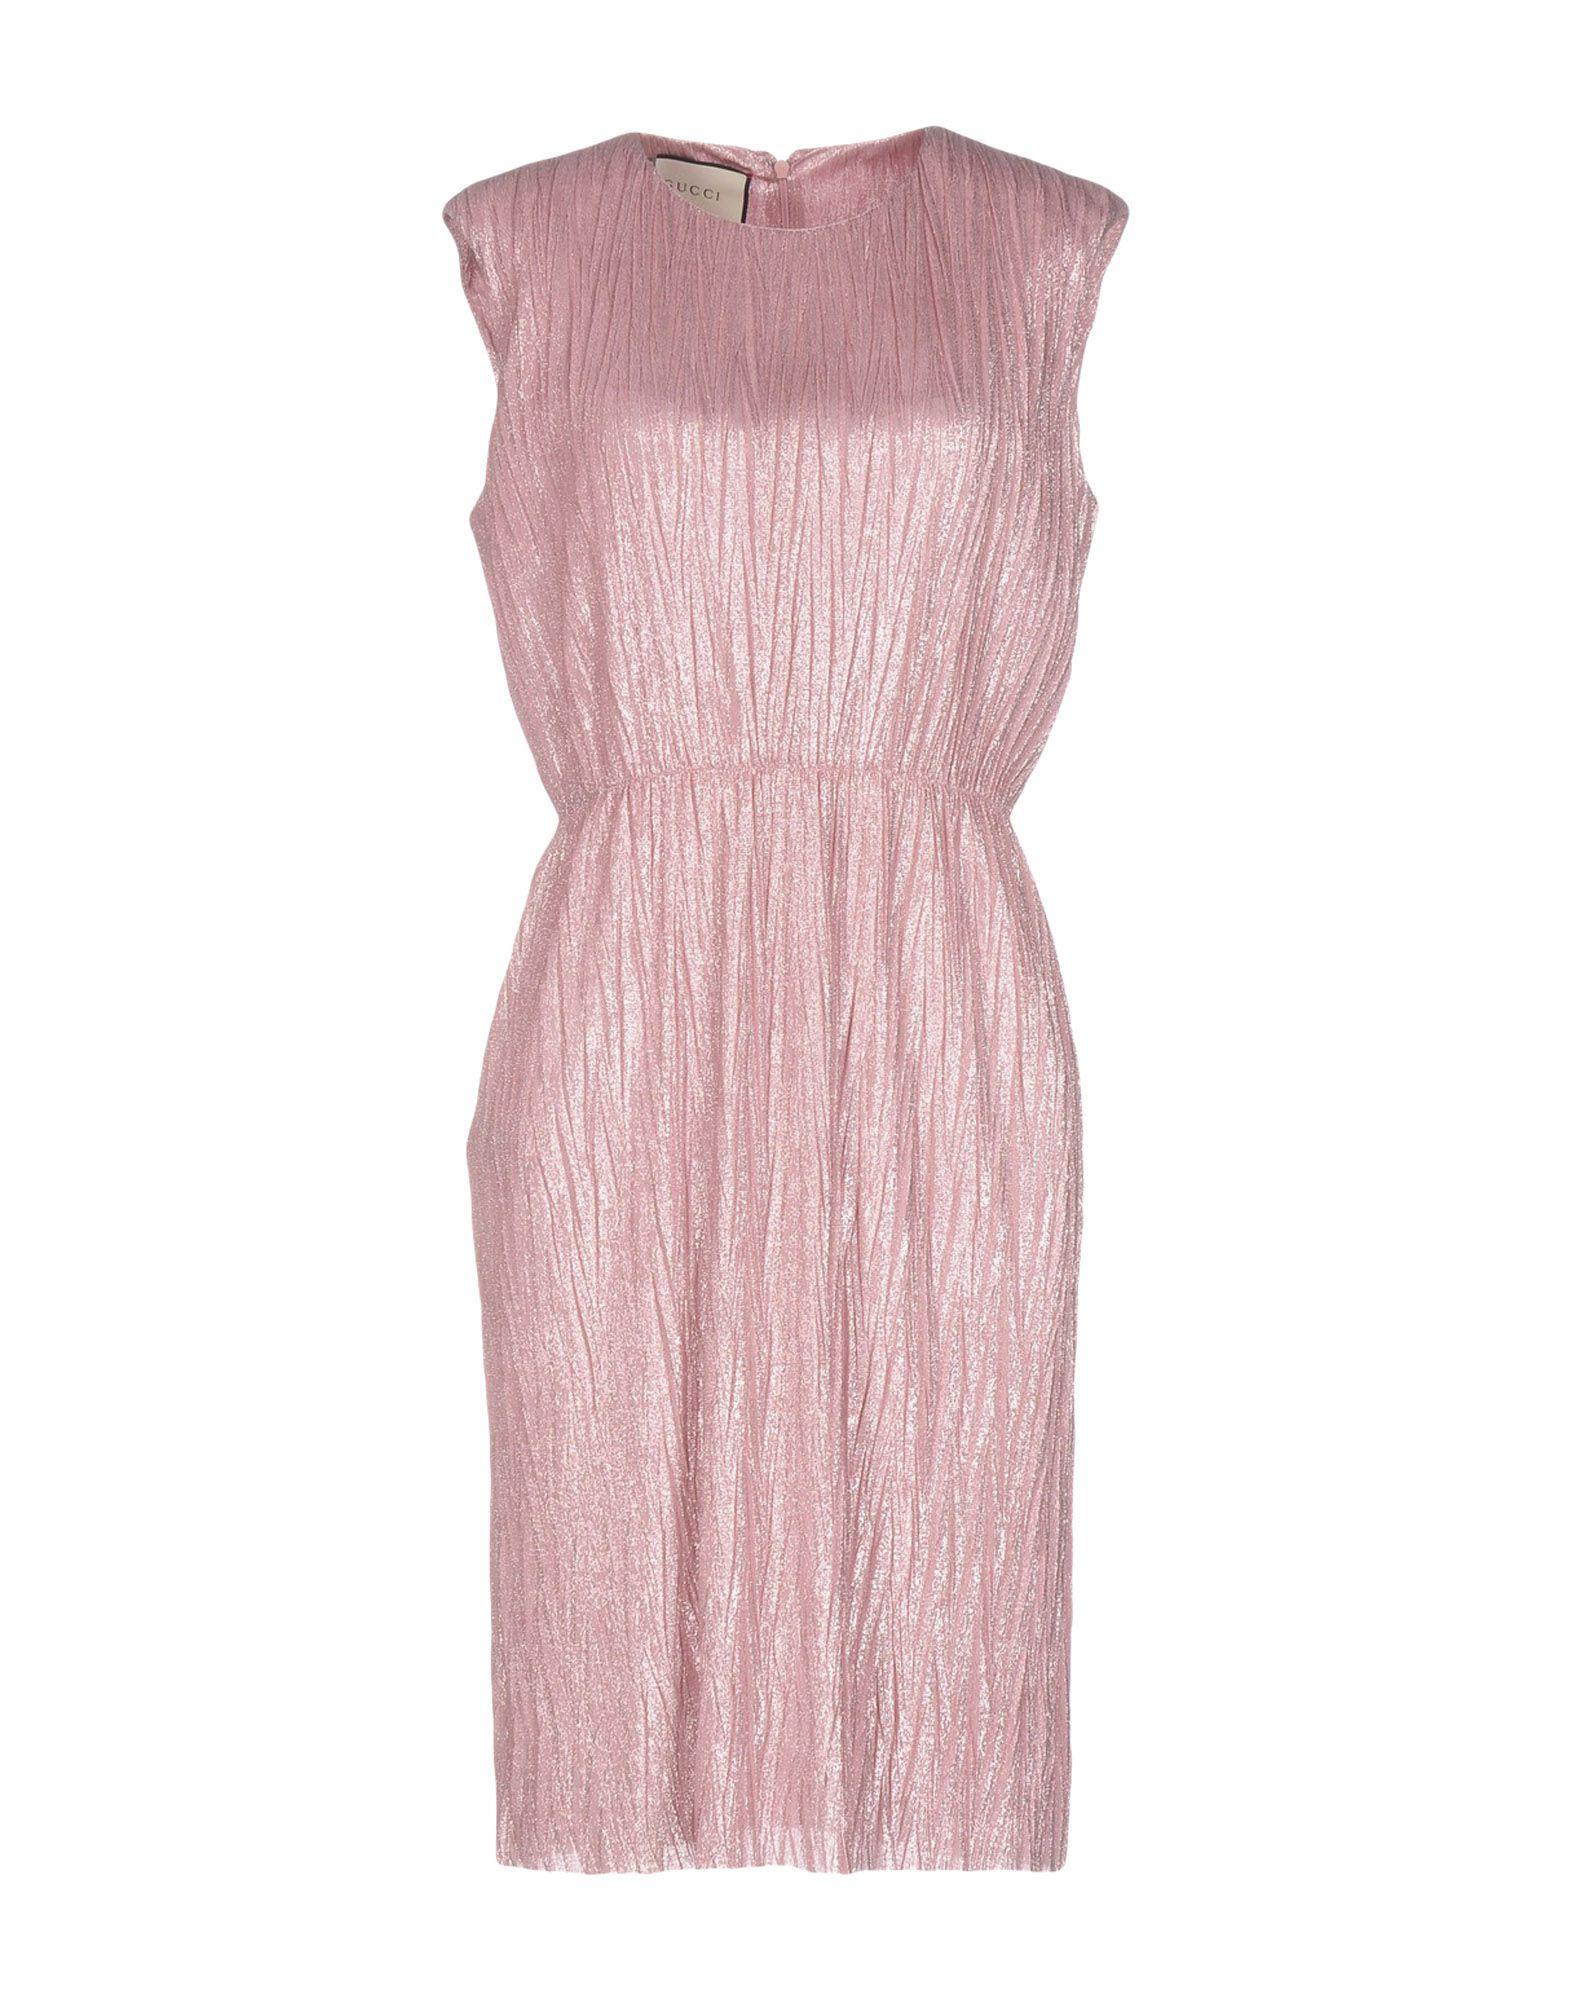 GUCCI Damen Knielanges Kleid Farbe Rosa Größe 7